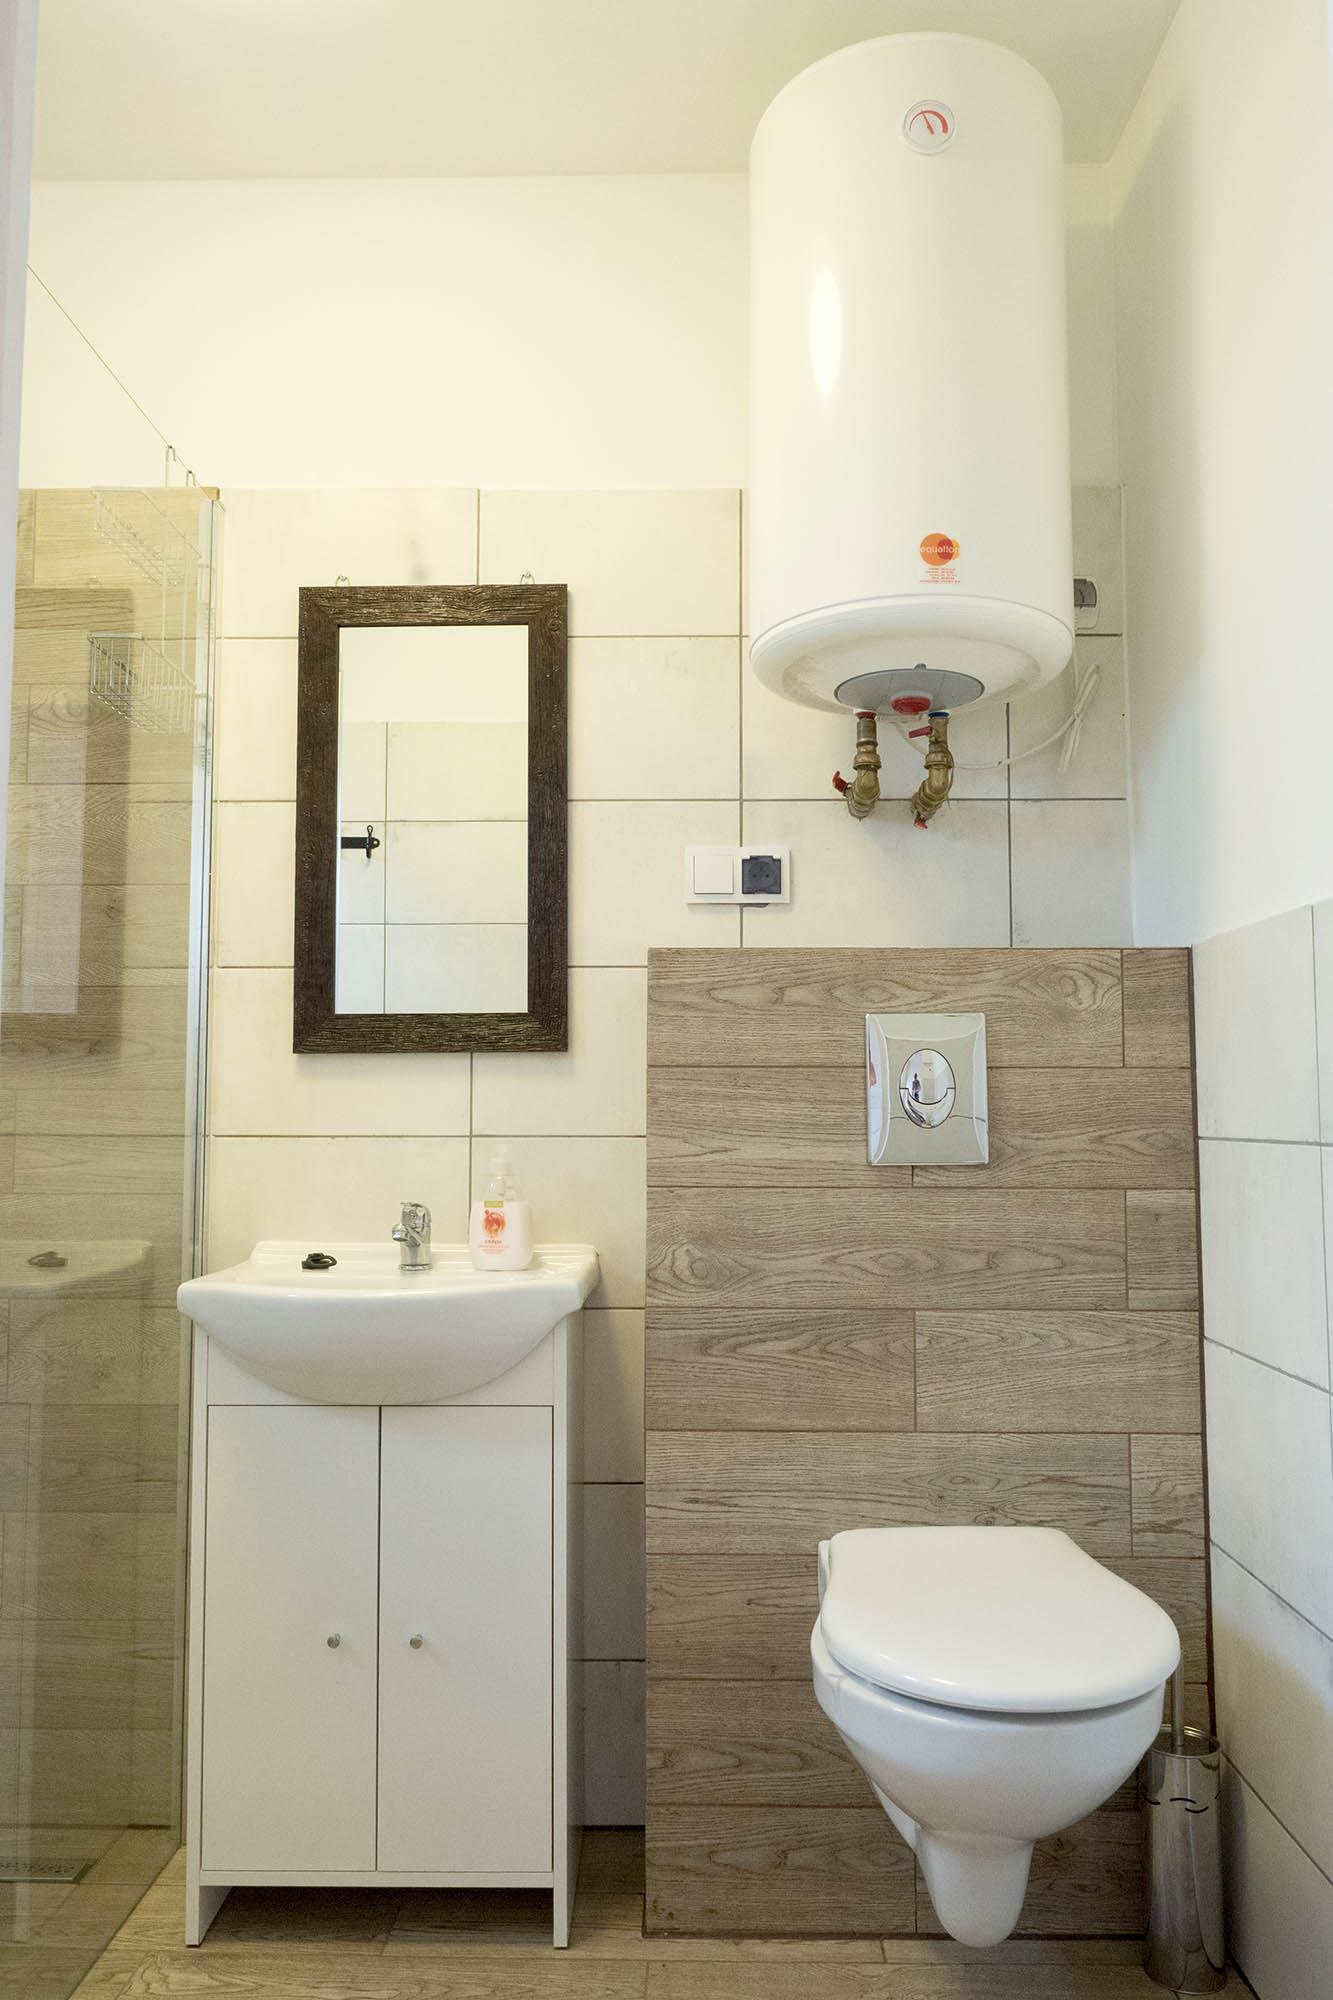 Domki Trebor - łazienka